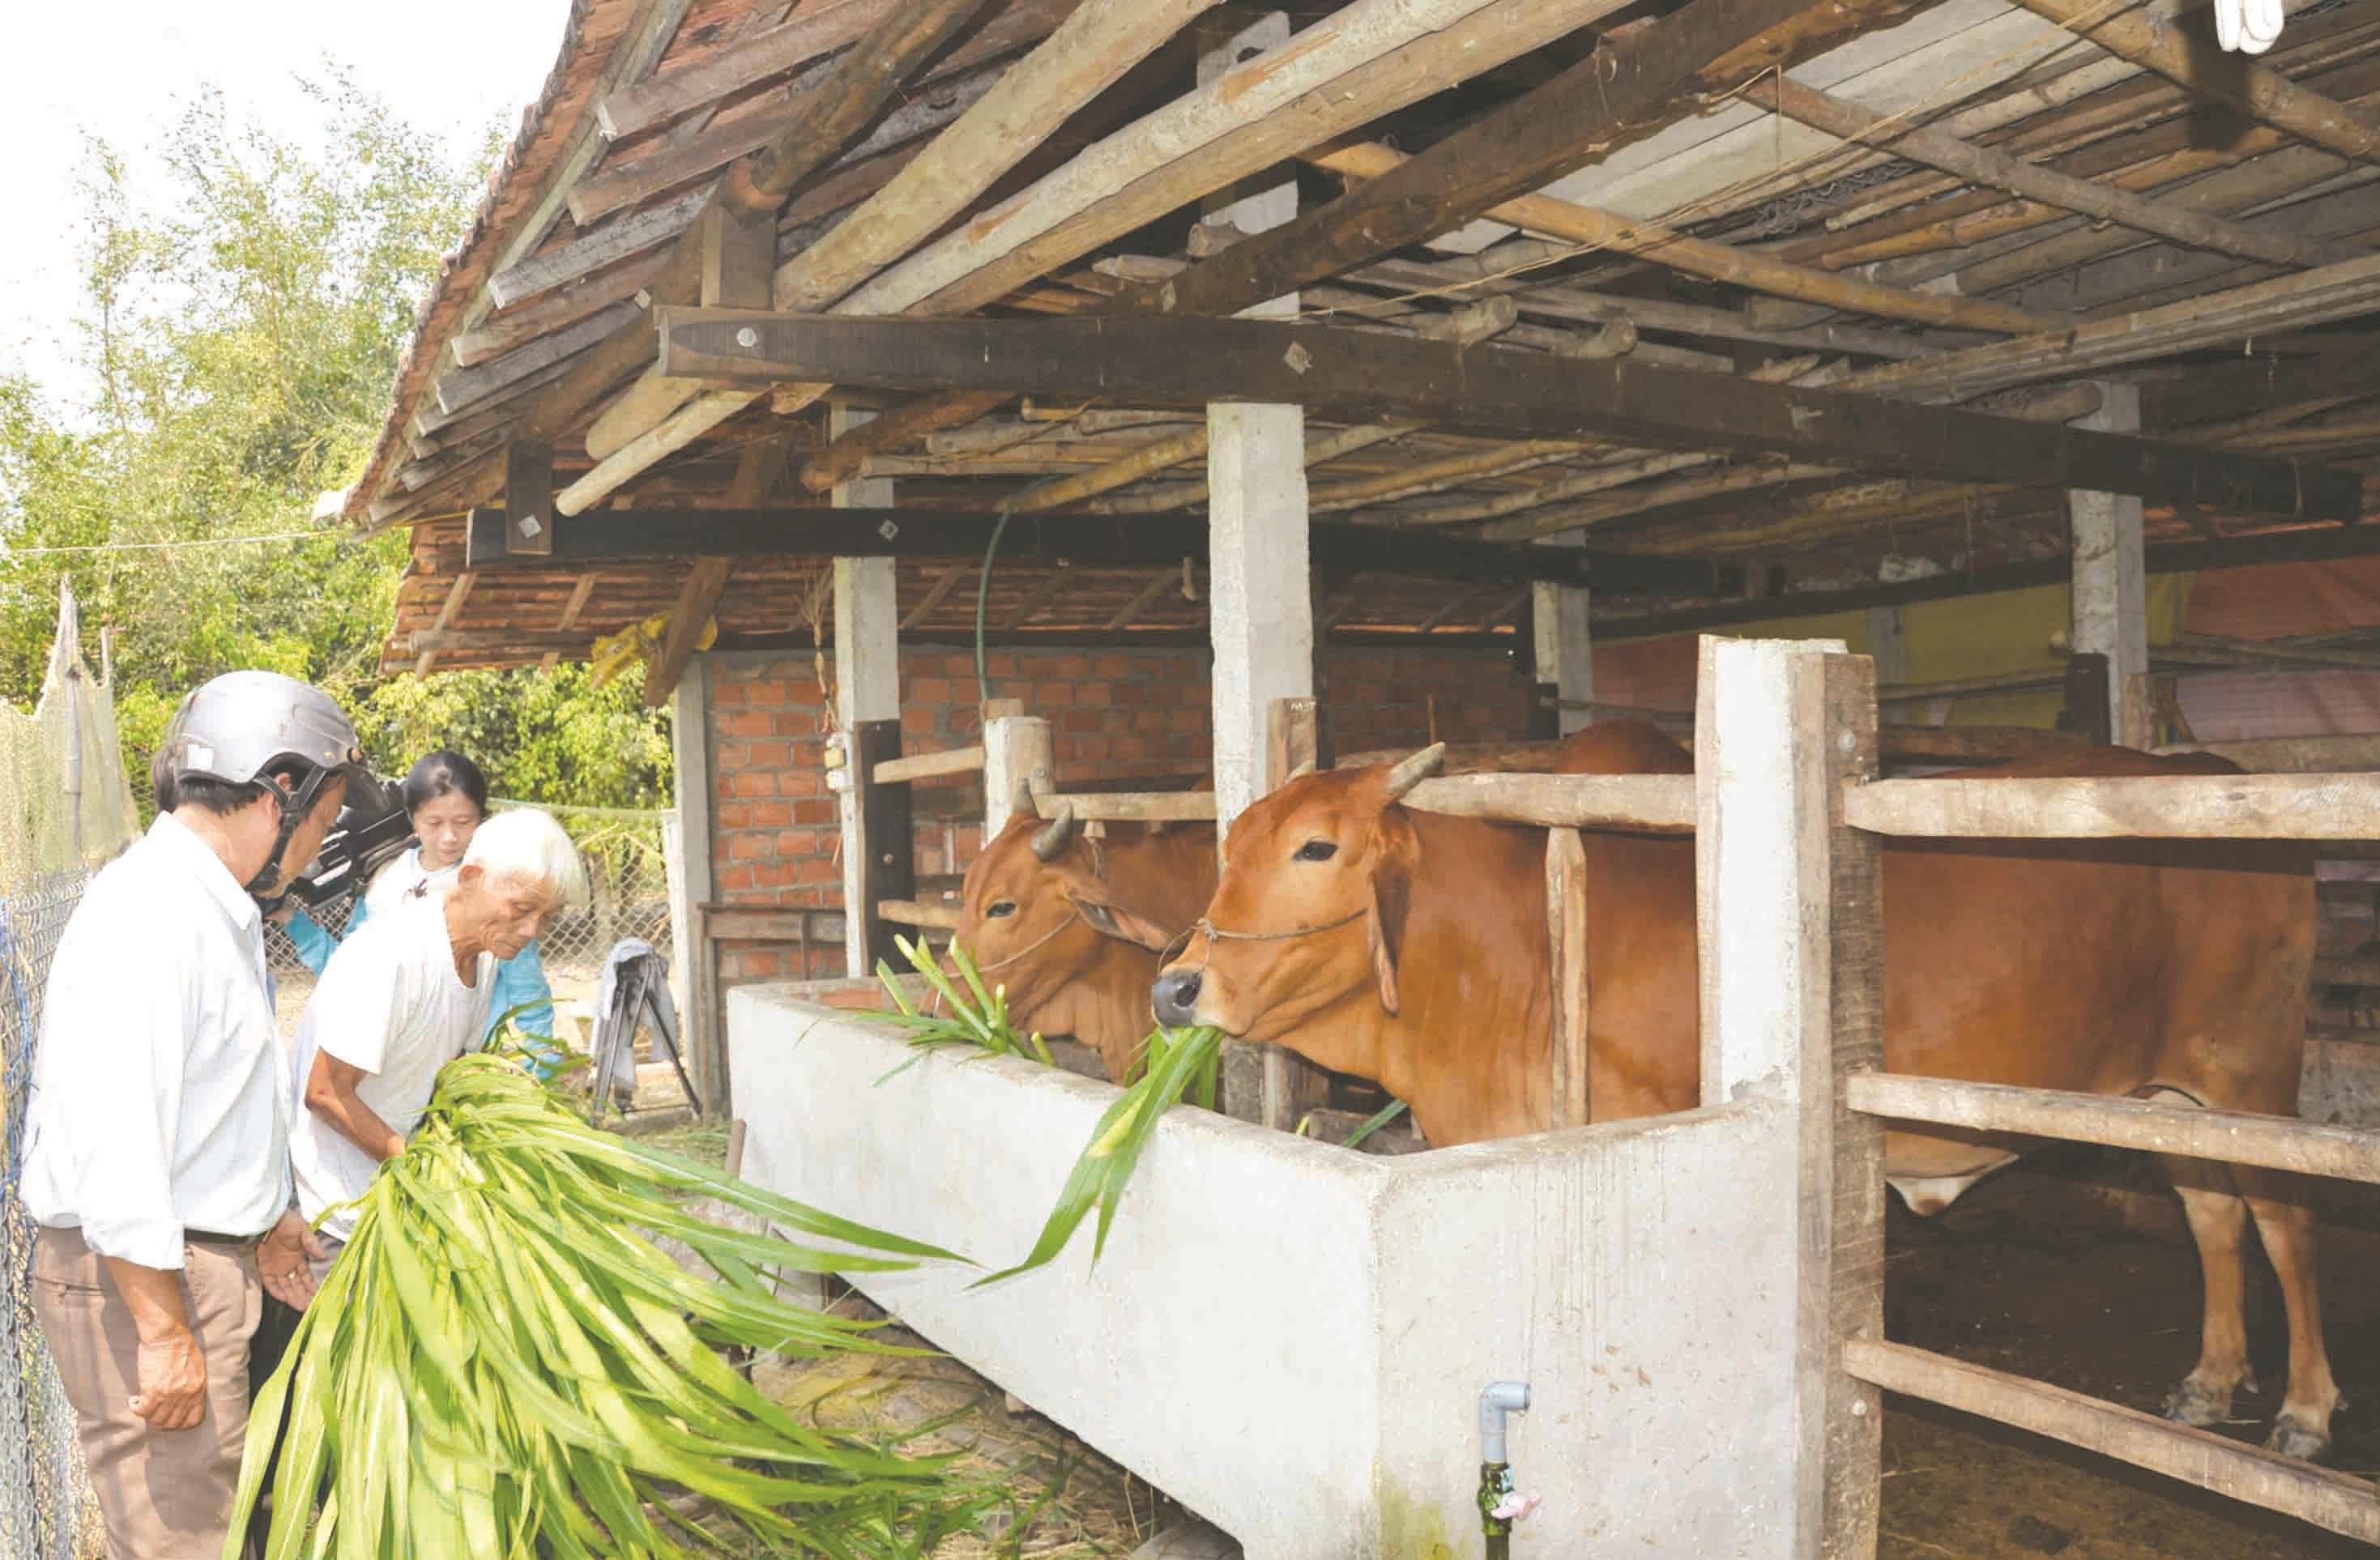 Sự đồng hành của cán bộ trẻ giúp người dân miền núi Quảng Ngãi phát triển kinh tế. (Ảnh minh họa)